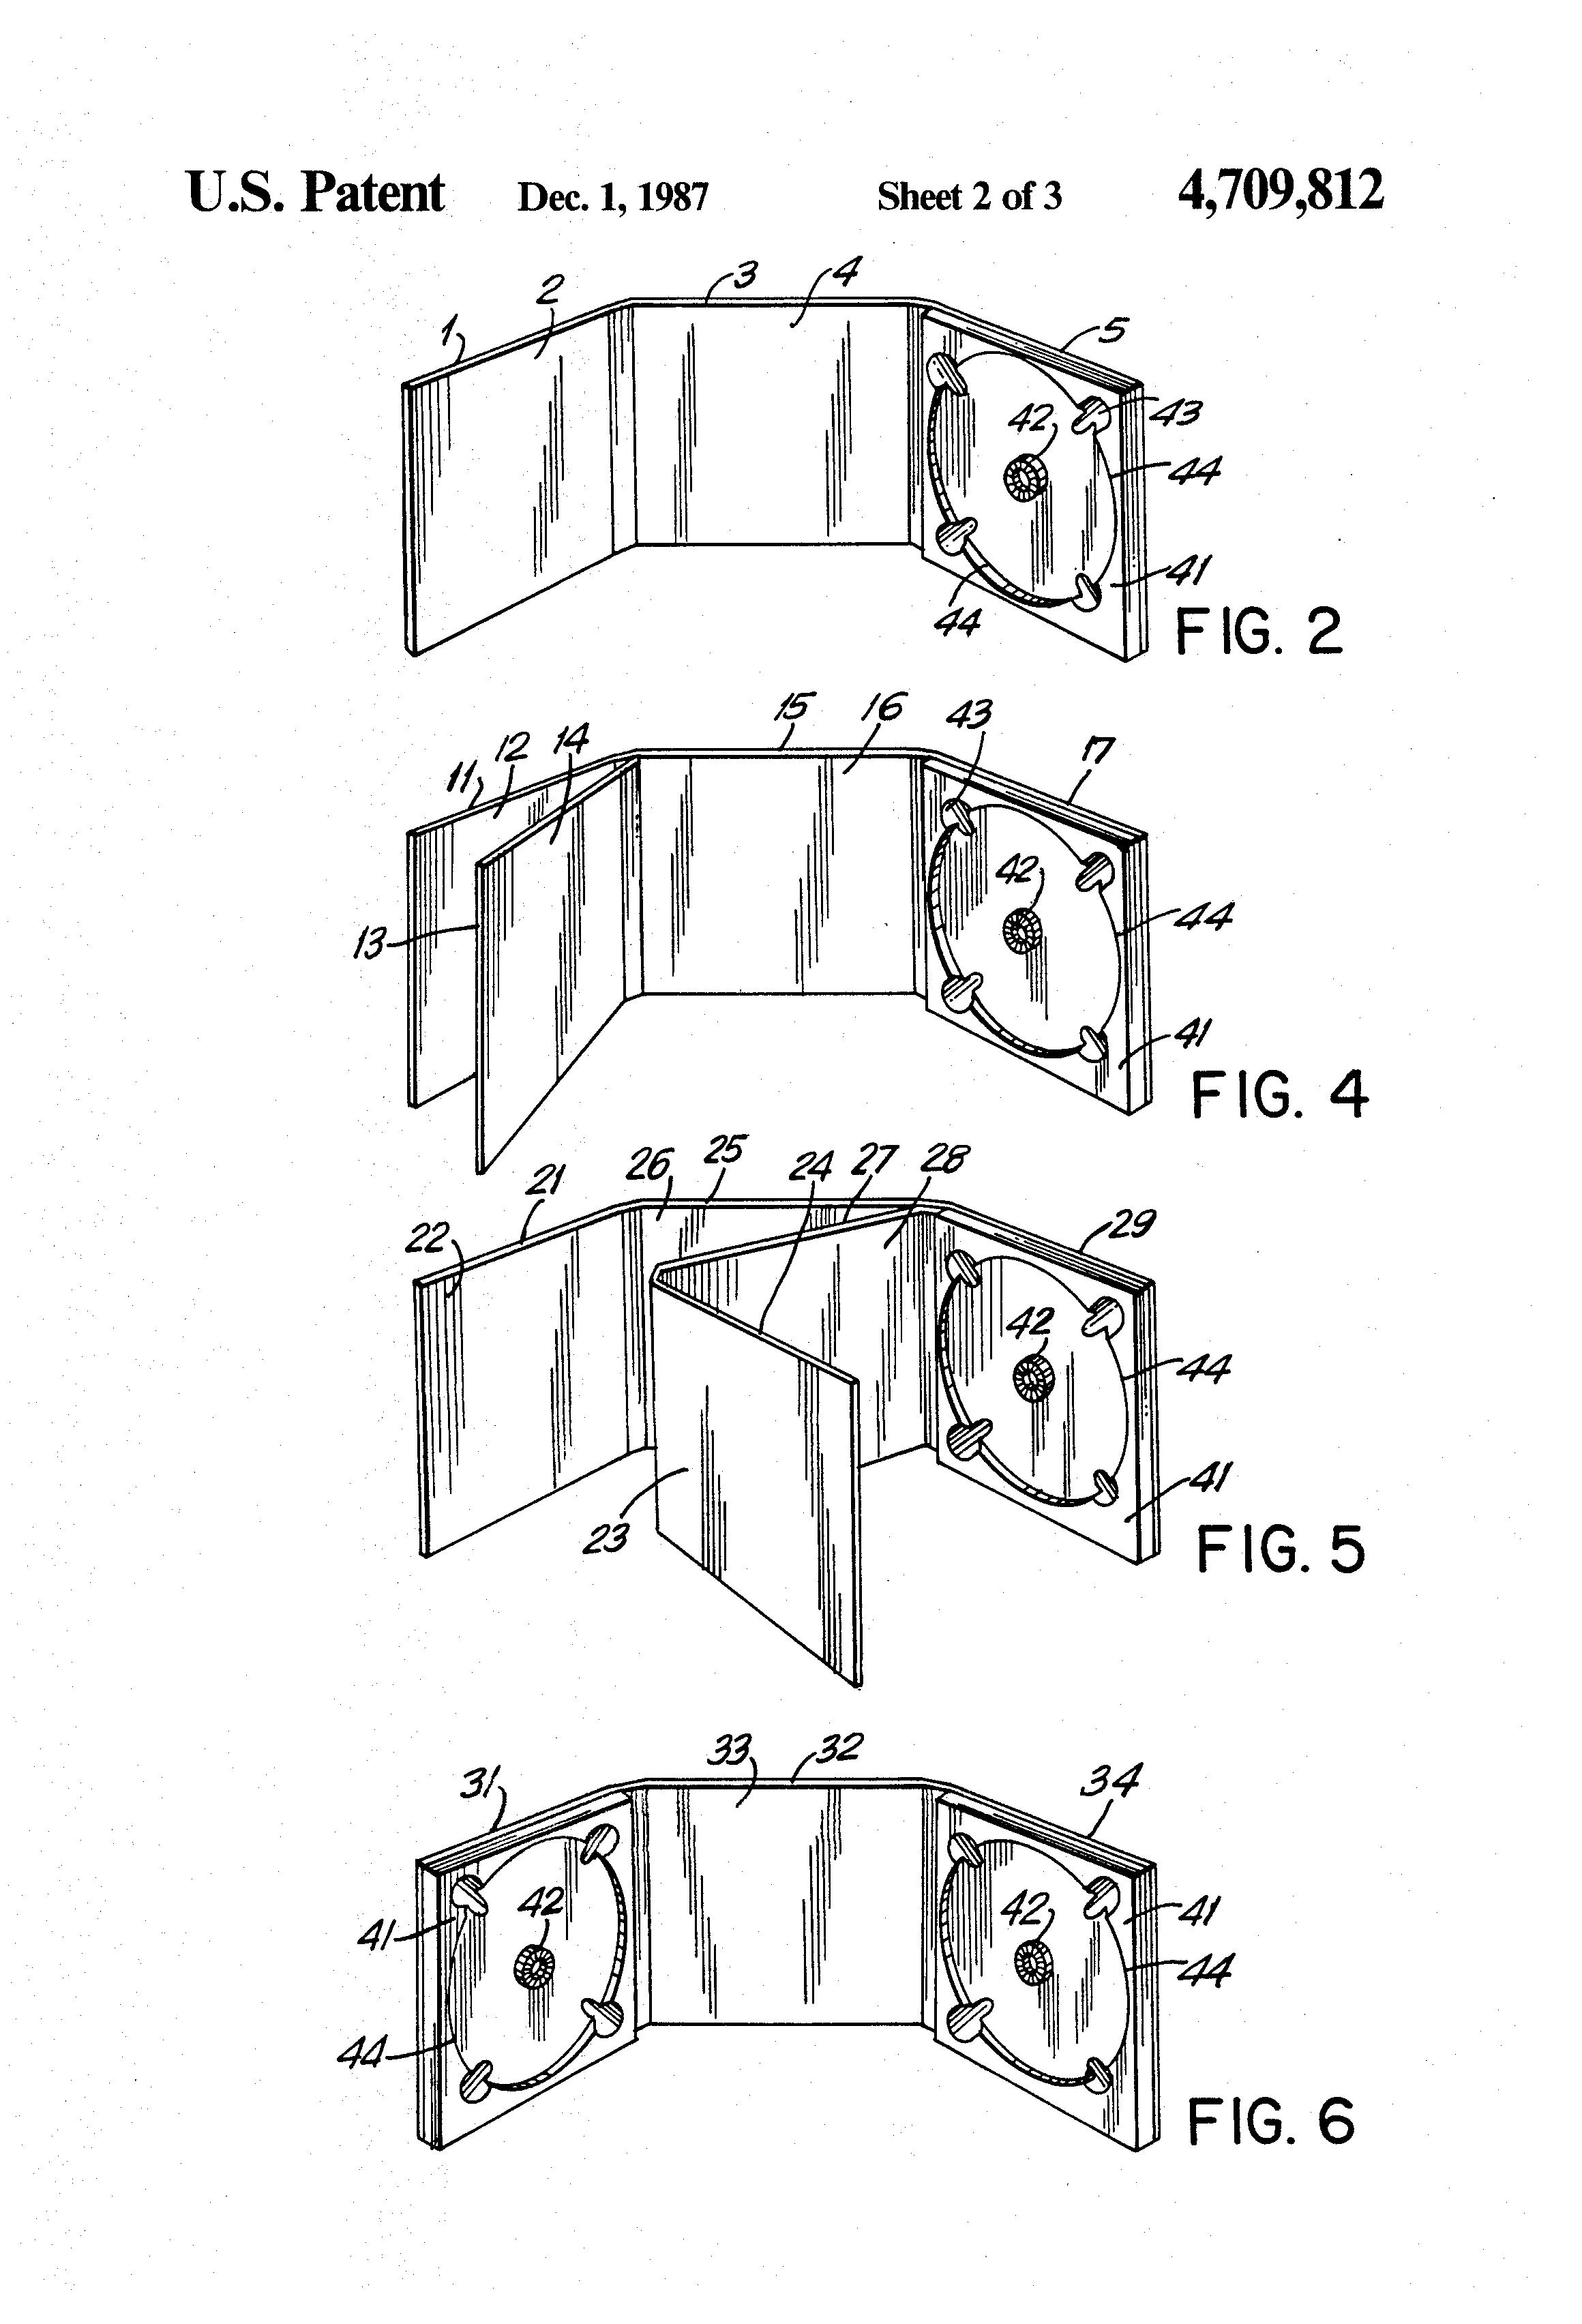 Original Patent Spec for Digipak